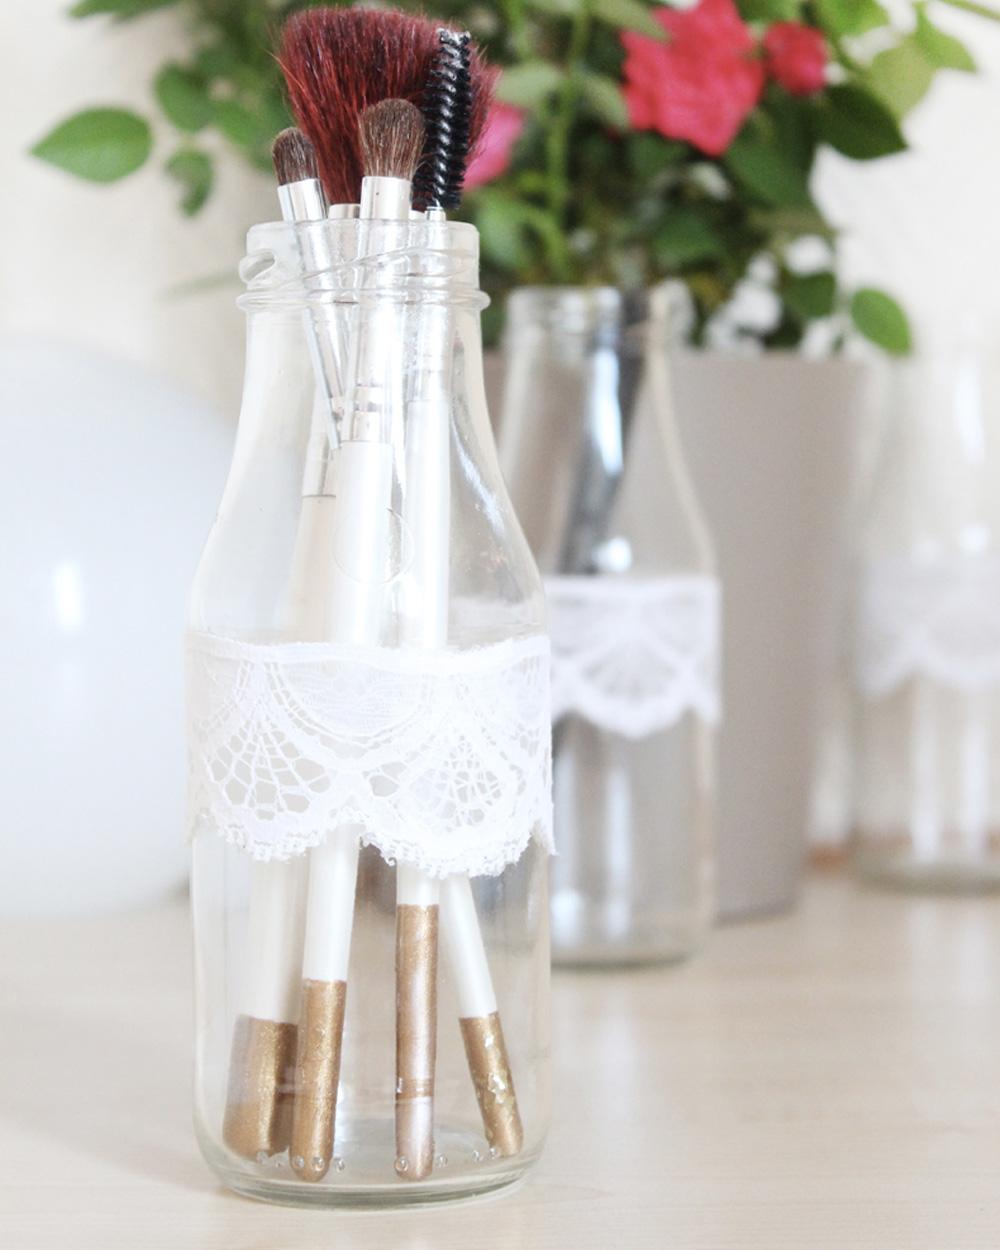 Comment Peindre De La Dentelle une bouteille en dentelle | shake my blog